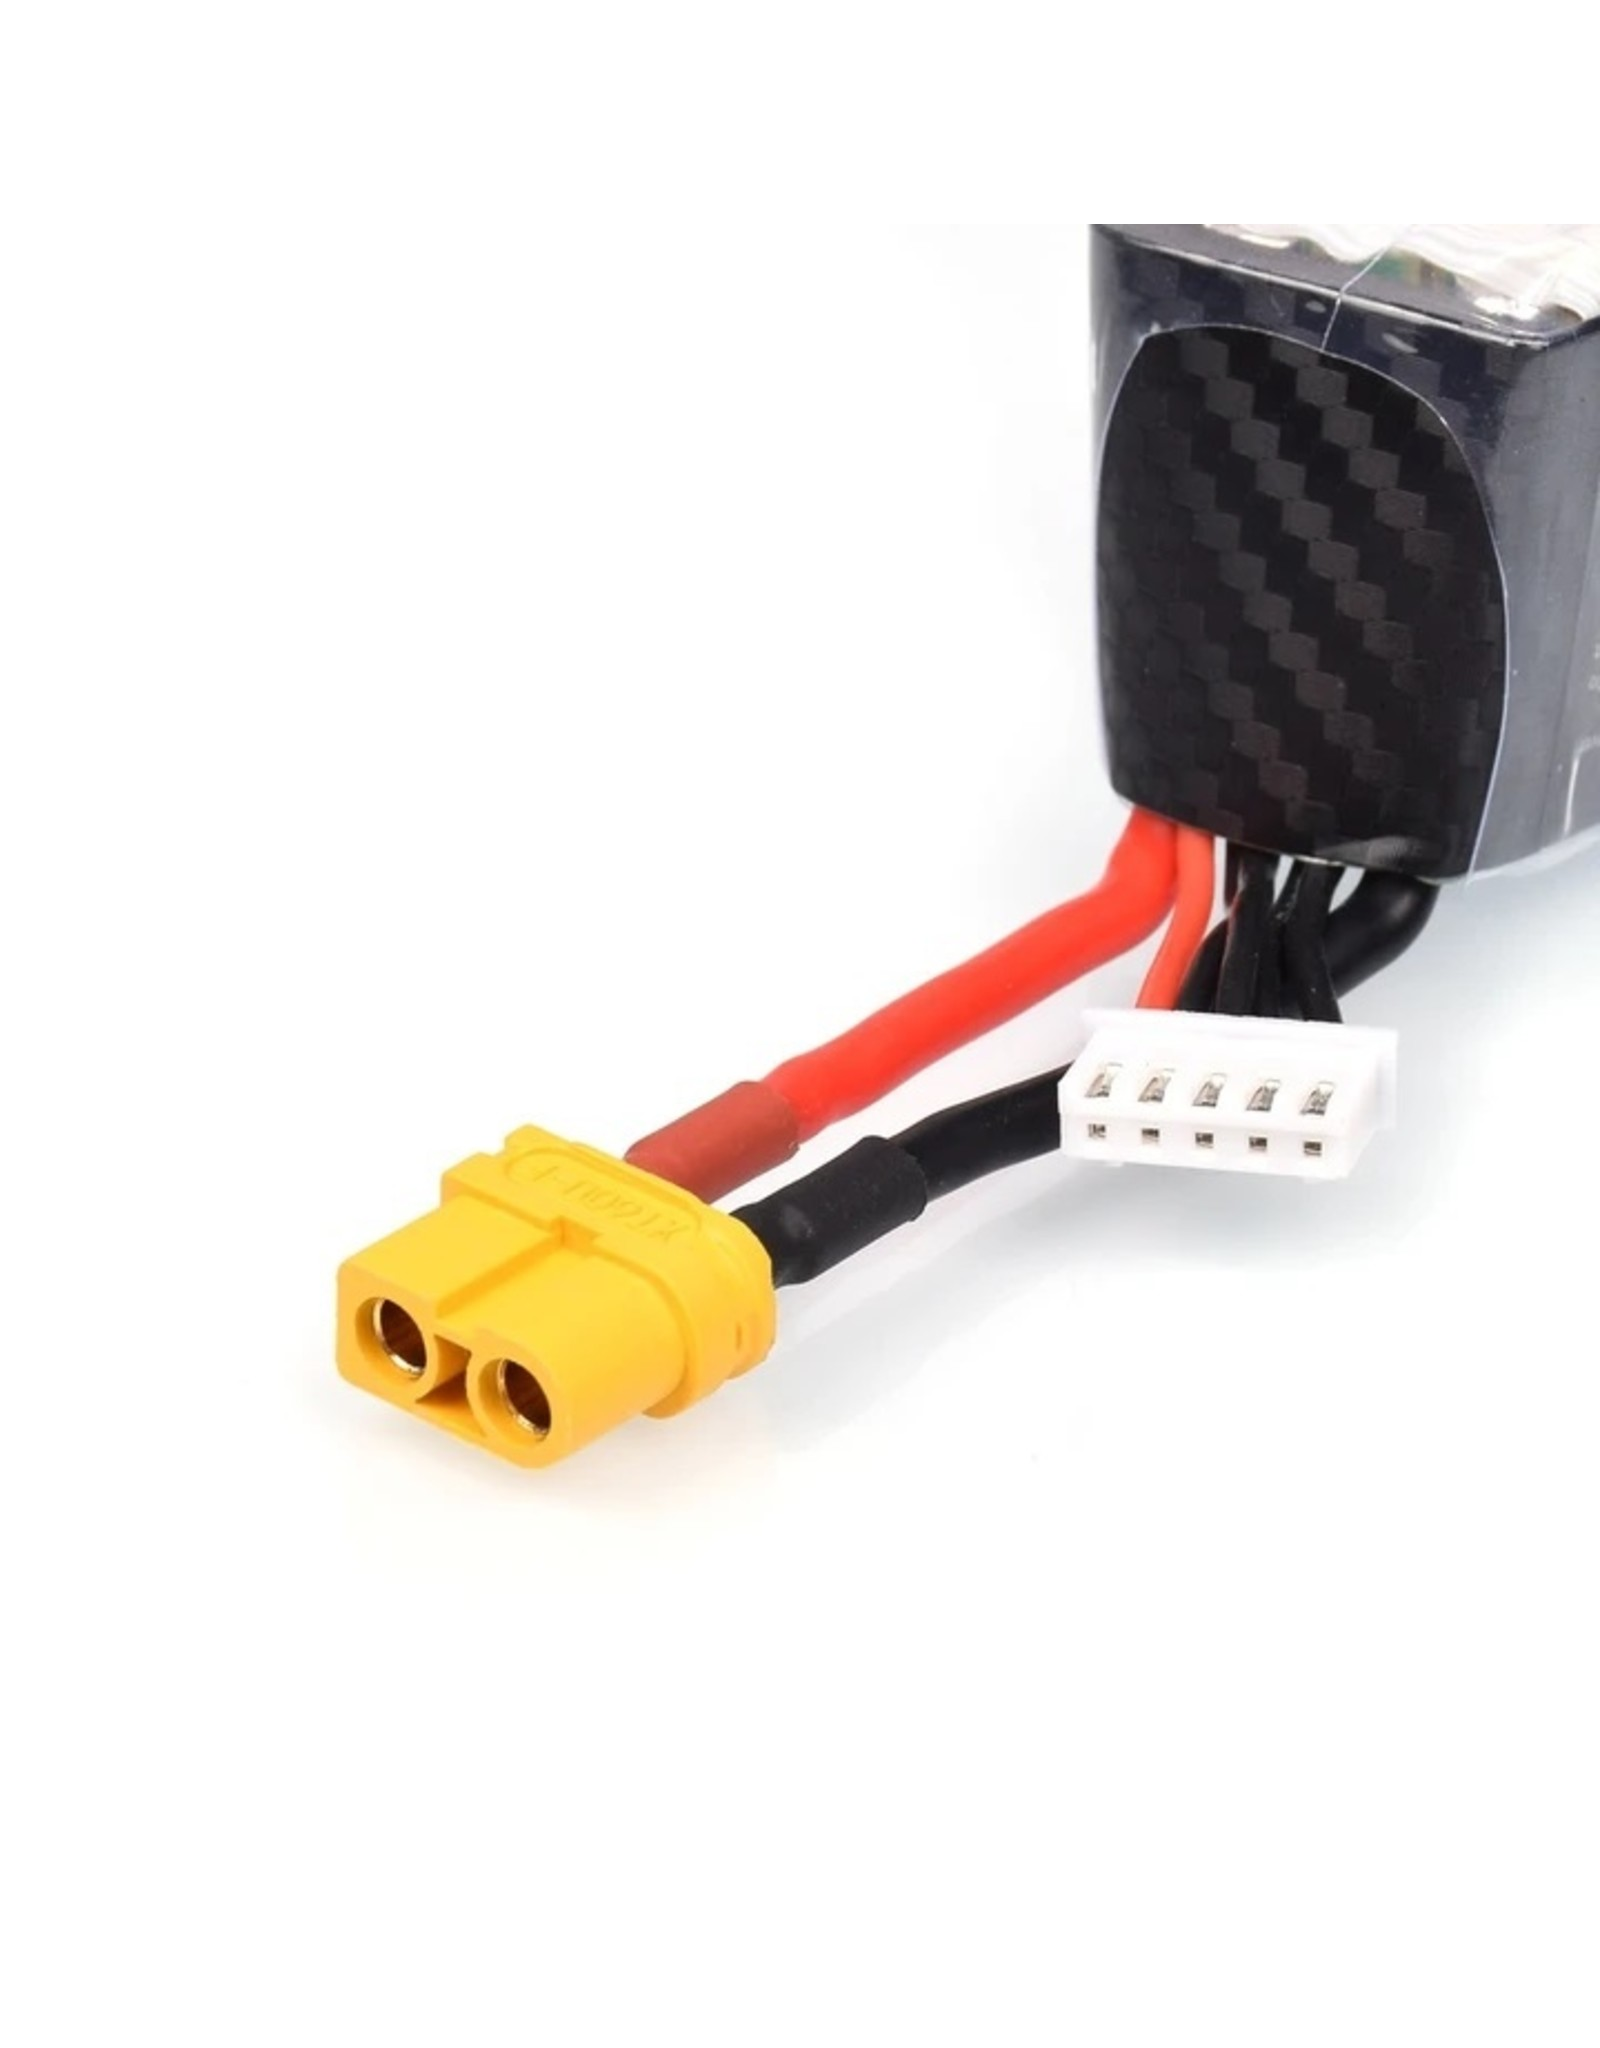 BetaFPV BetaFPV - 850mAh 4S 75C Lipo Battery - 2 Pack